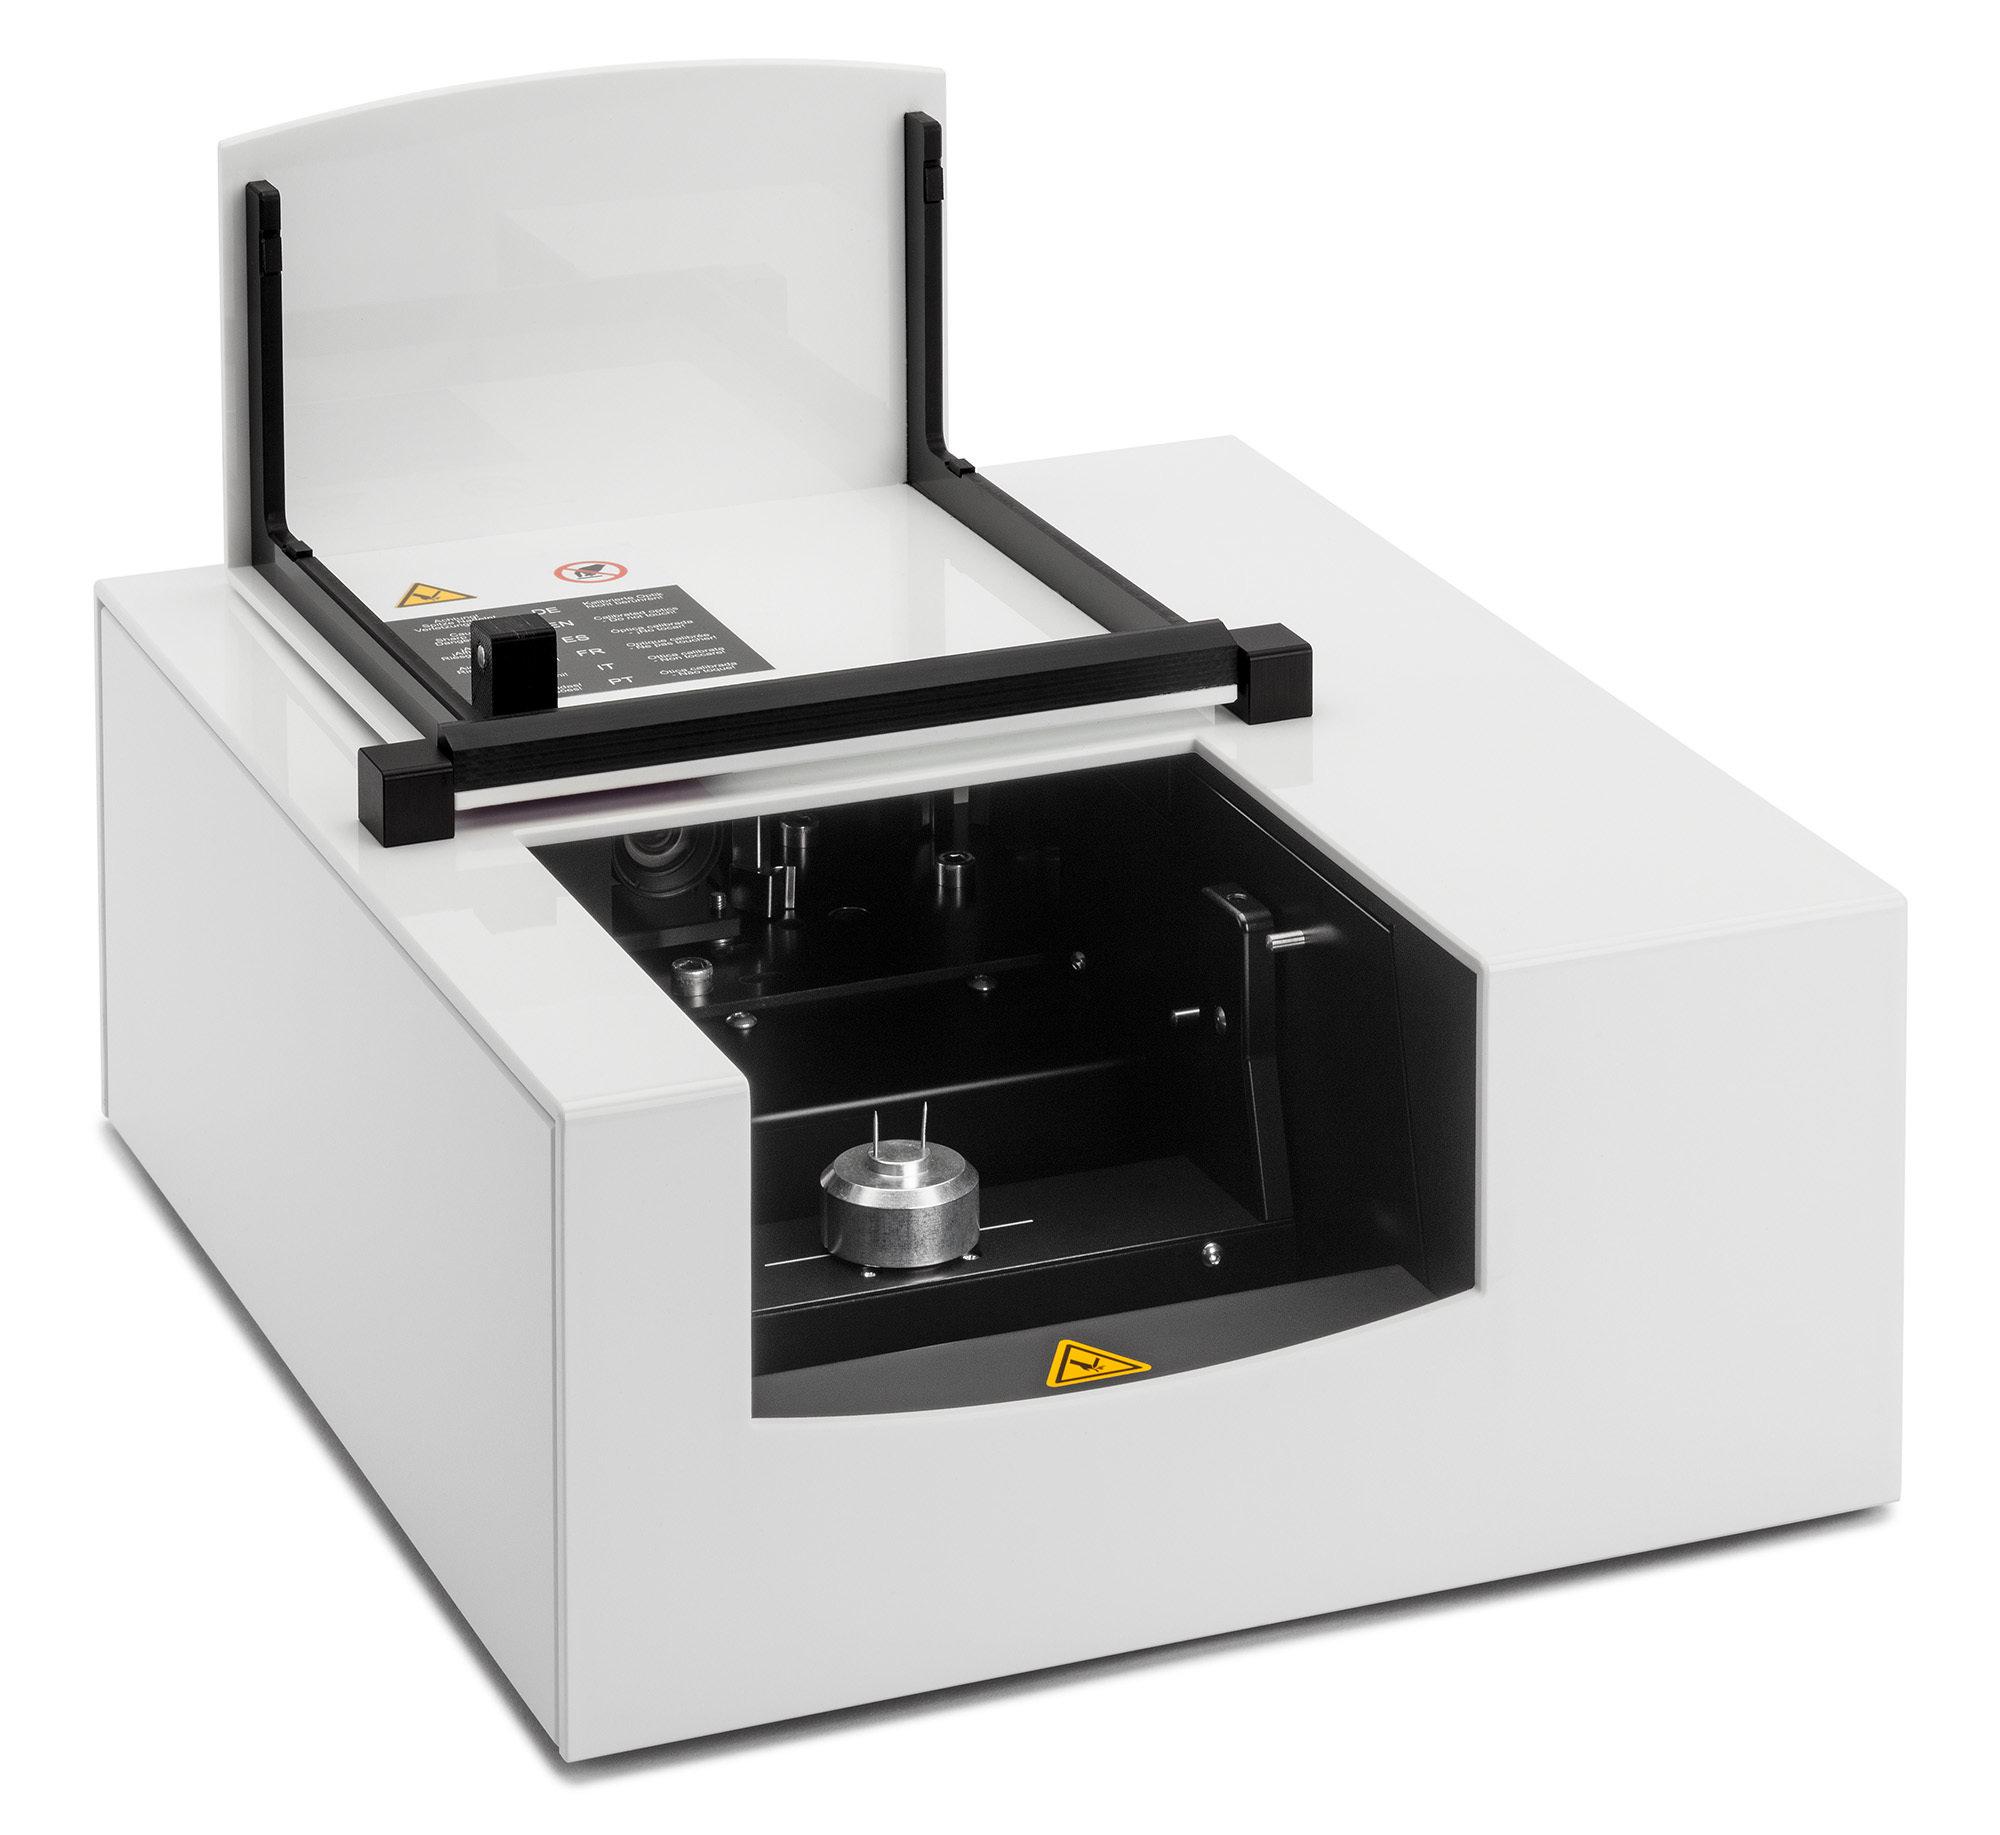 3D Scanner for Audiology 3dscanner-audio